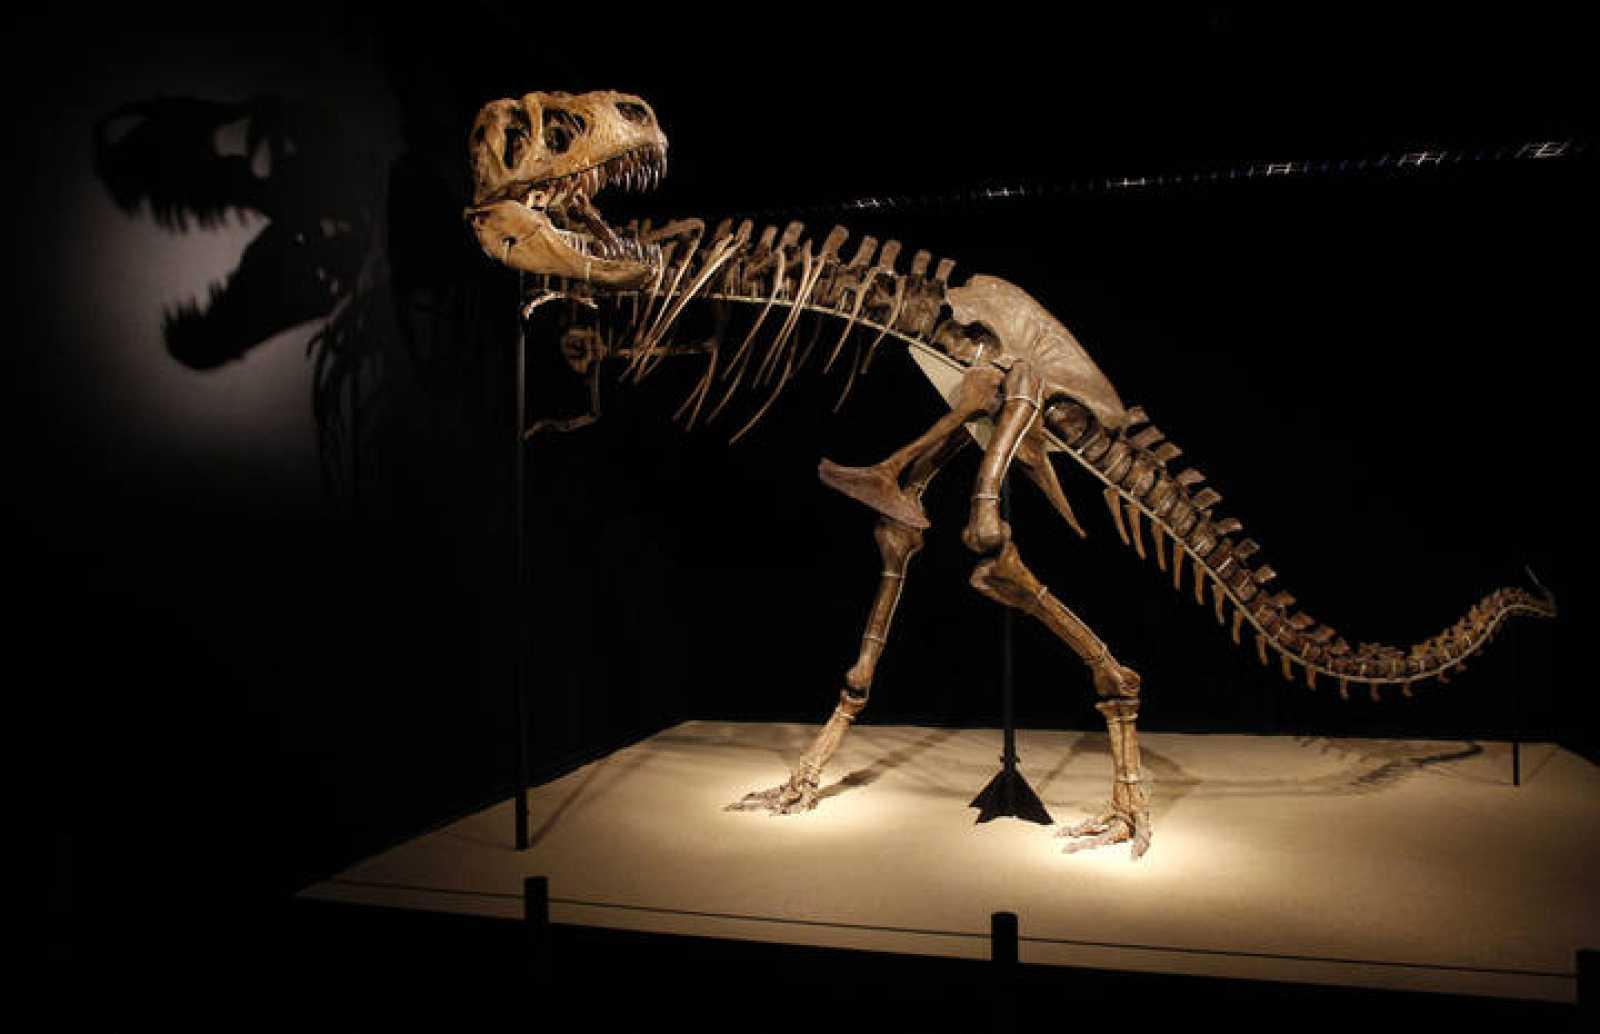 El esqueleto de un dinosaurio expuesto en una muestra